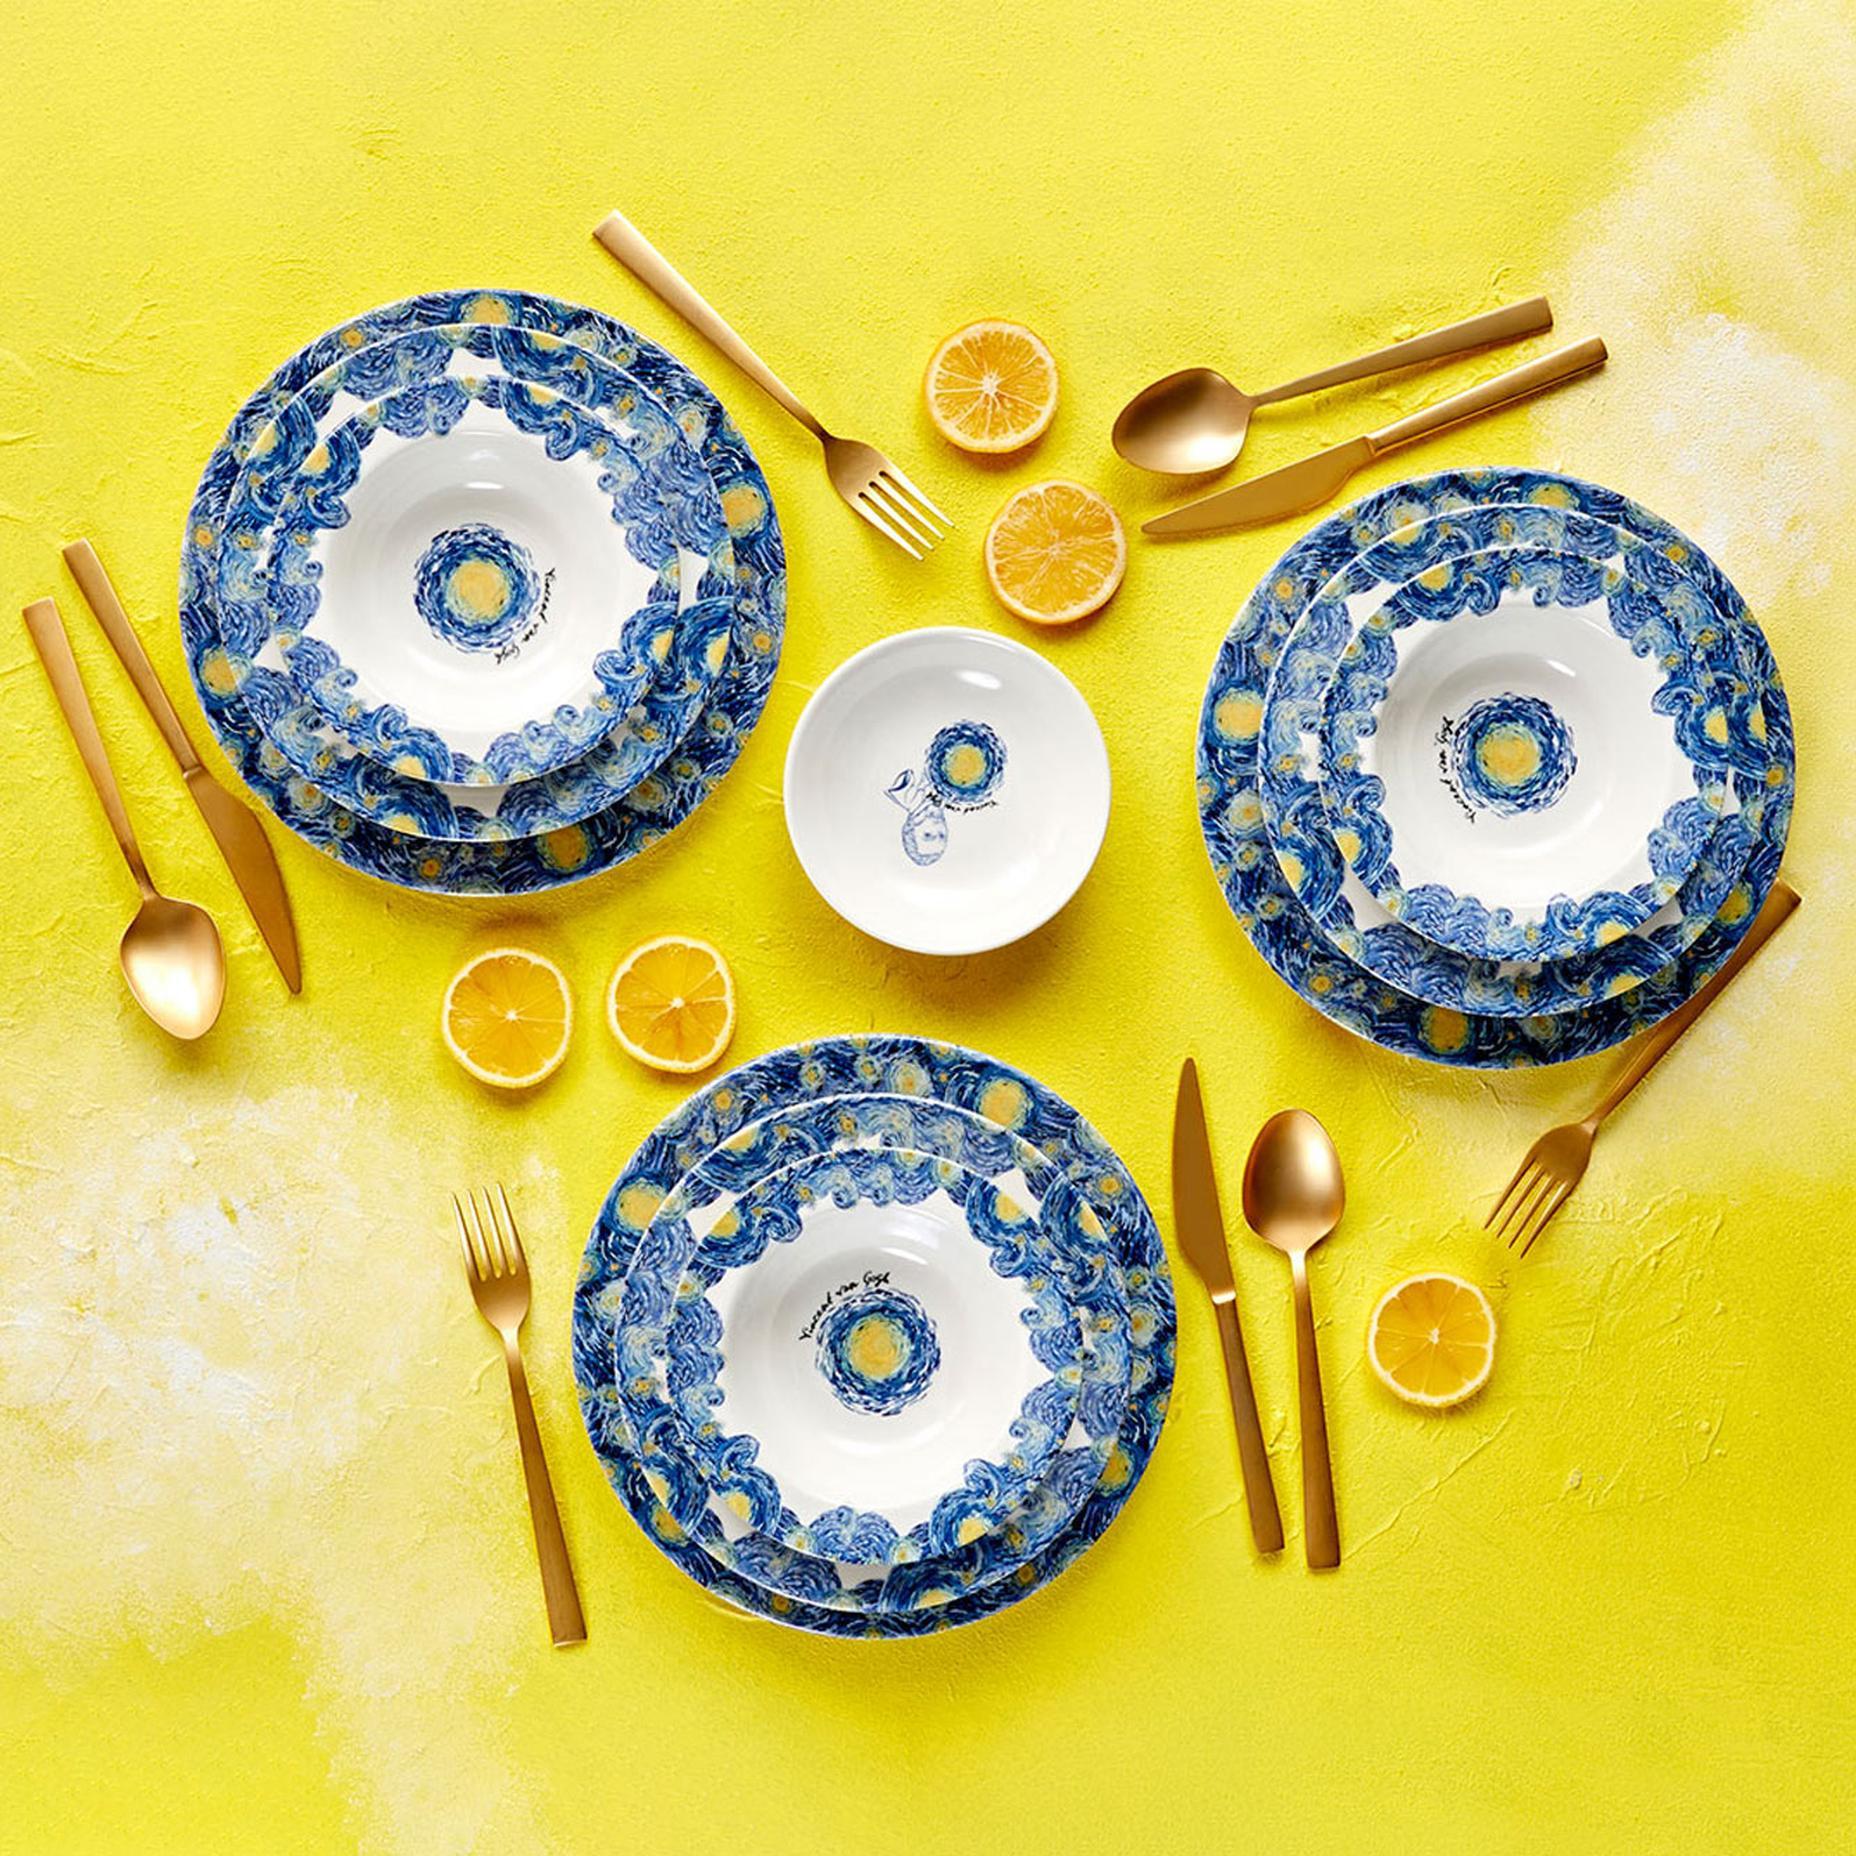 Van Gogh 12 Parça 4 Kişilik Yemek Takımı Stoneware Mavi